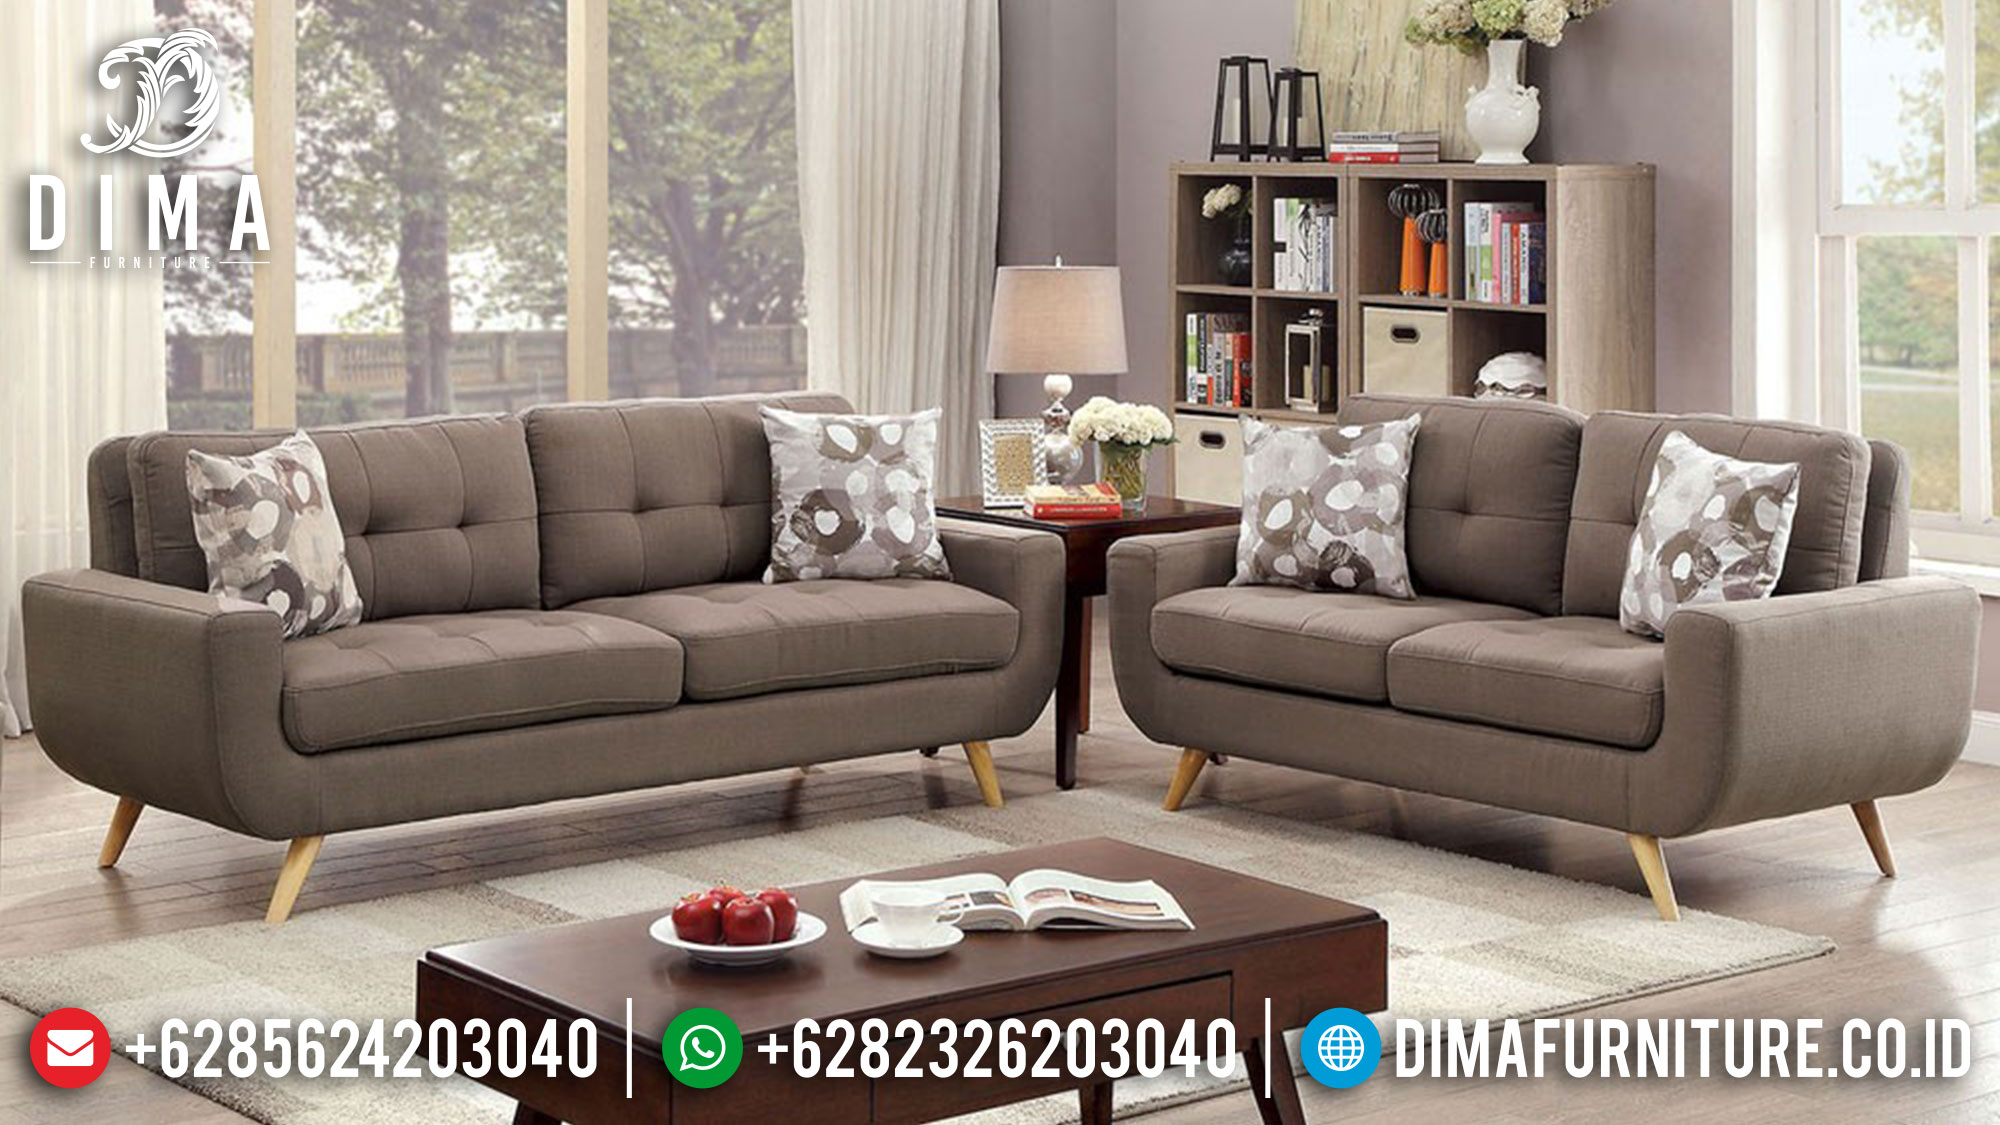 Mebel Jepara Set Sofa Tamu Minimalis Terbaru Murah DF-0346